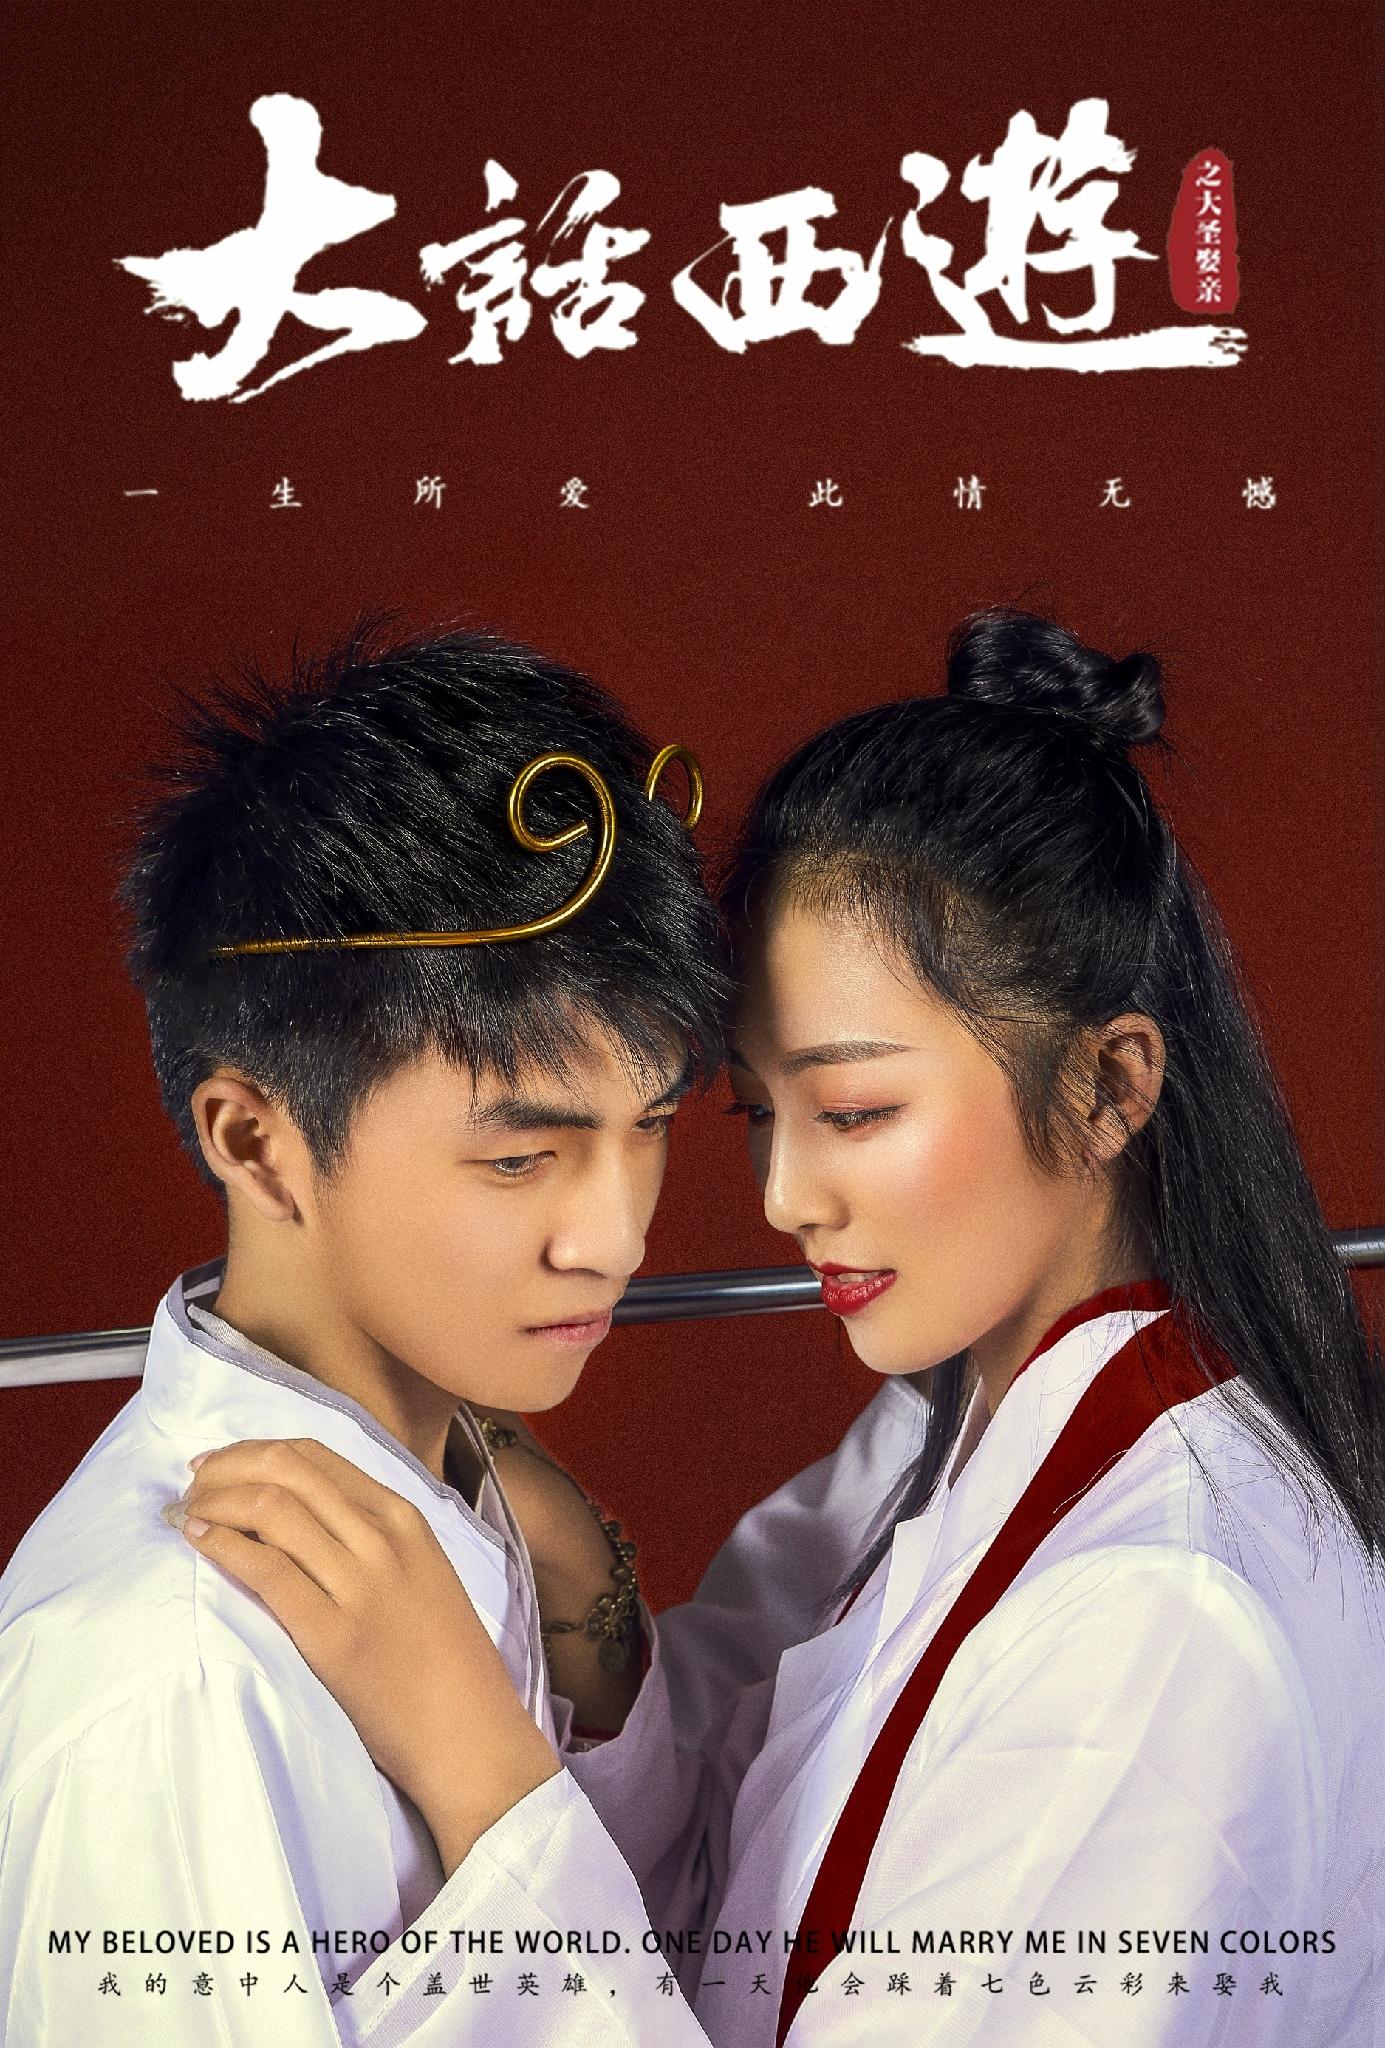 南昌DJ阿飞 为FM106.5江西都市广播电台打造一生所爱中文跳舞专辑